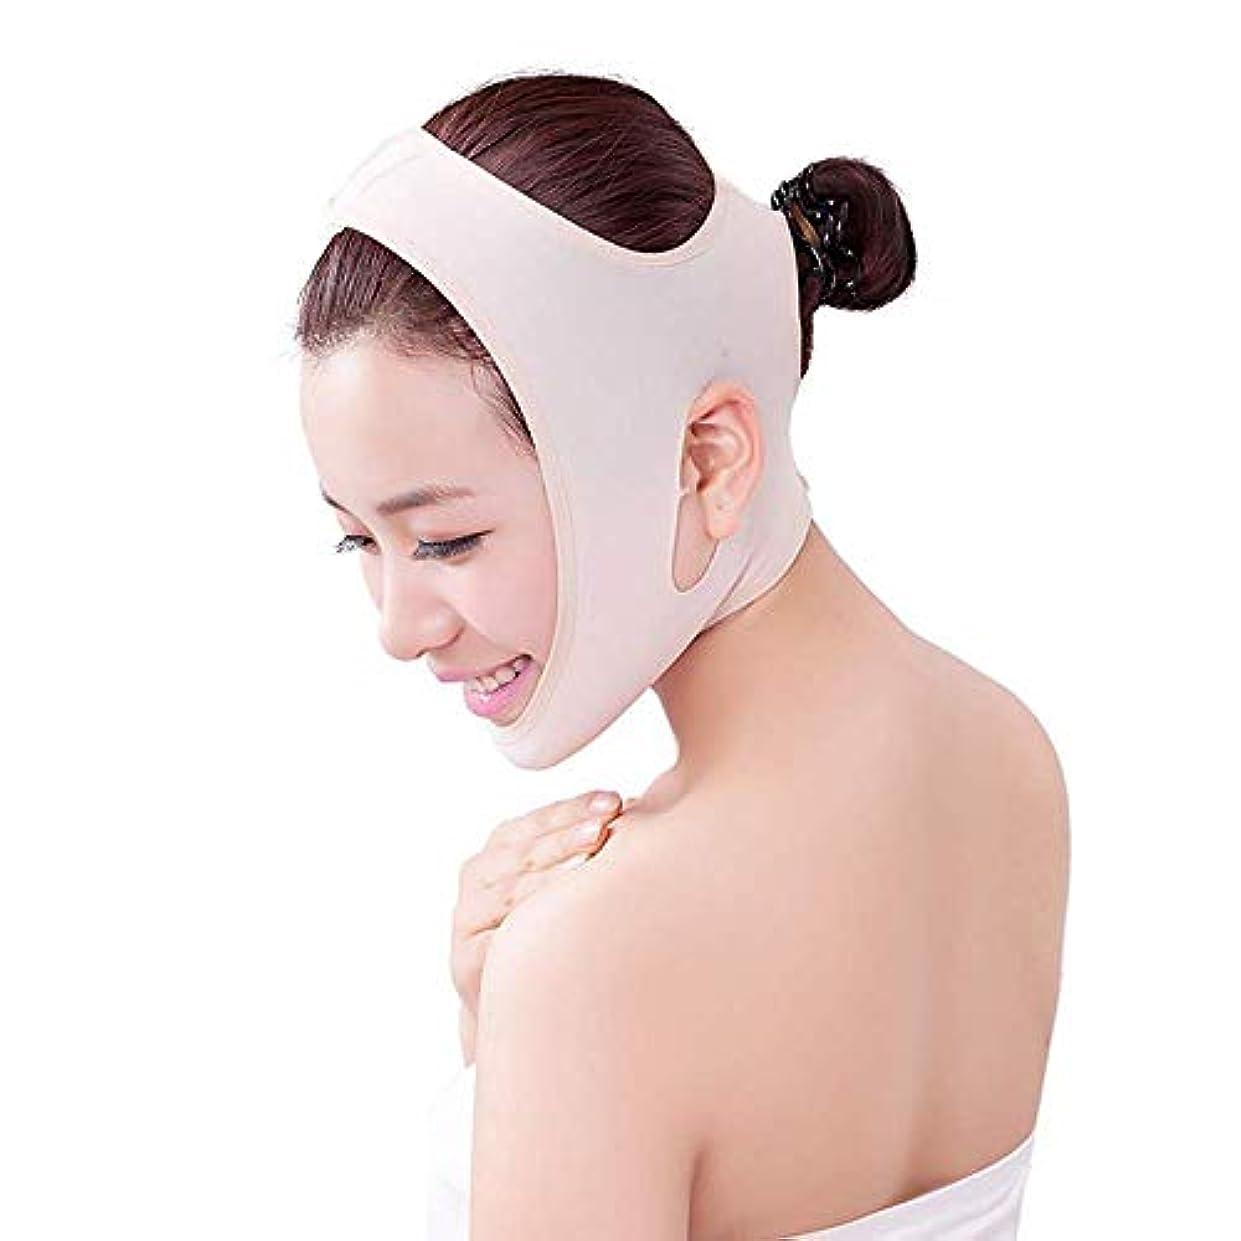 ヒロイン冷蔵する勉強する薄型フェイスベルト - 男性用および女性用の包帯をフランスの顔用リフティングマスク器具に引き締める薄型フェイスVフェイス薄型ダブルチンフェイスリフティングベルト(サイズ:M),M